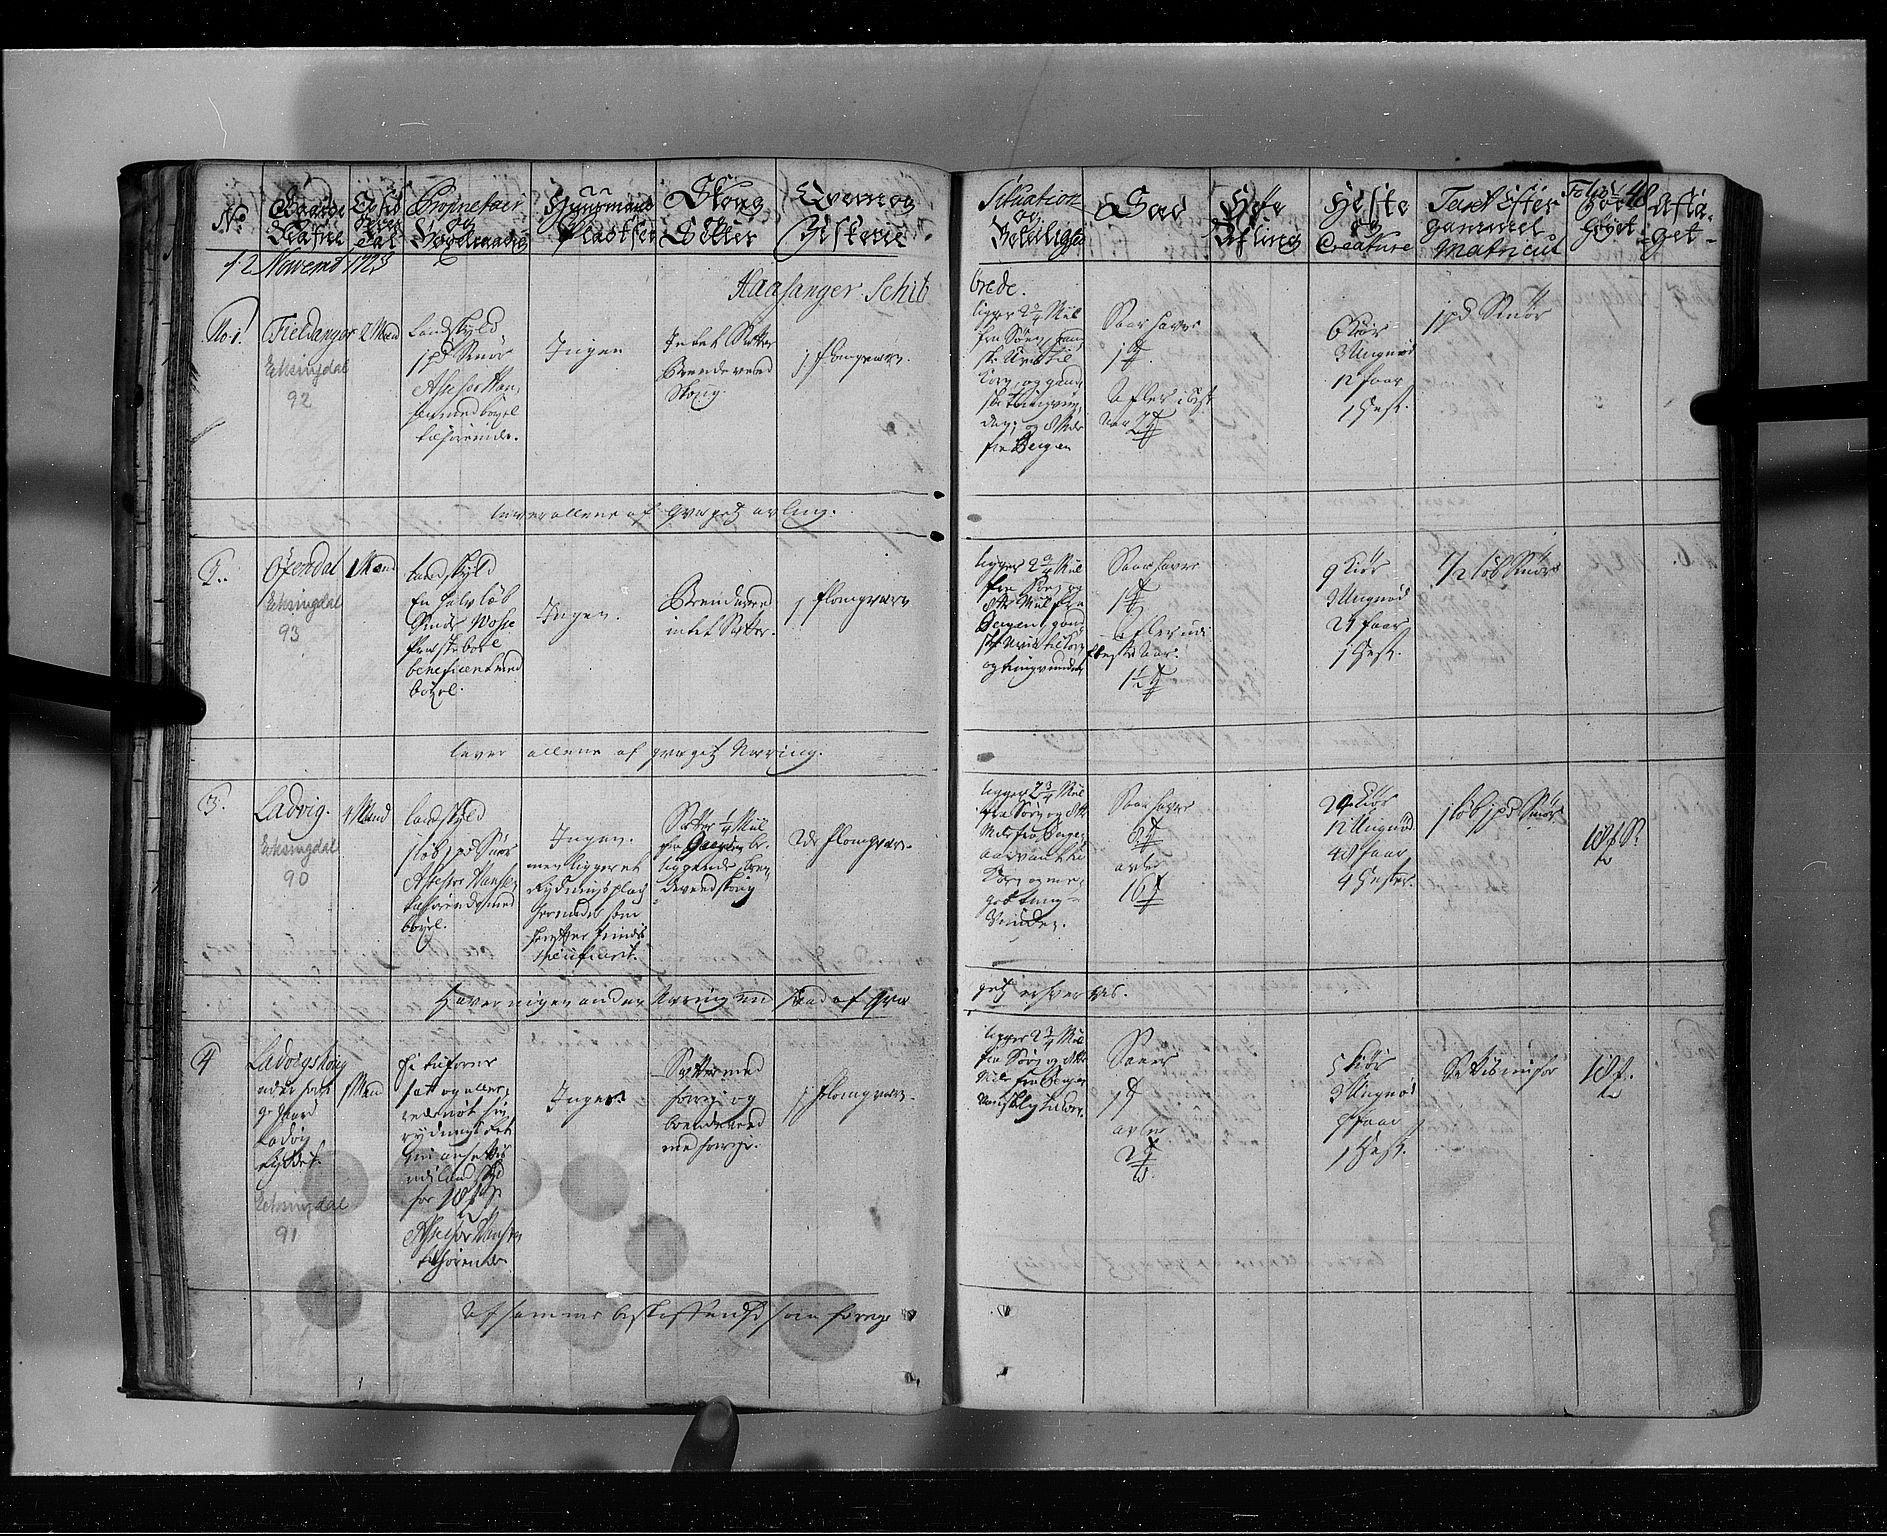 RA, Rentekammeret inntil 1814, Realistisk ordnet avdeling, N/Nb/Nbf/L0139: Nordhordland eksaminasjonsprotokoll, 1723, s. 47b-48a